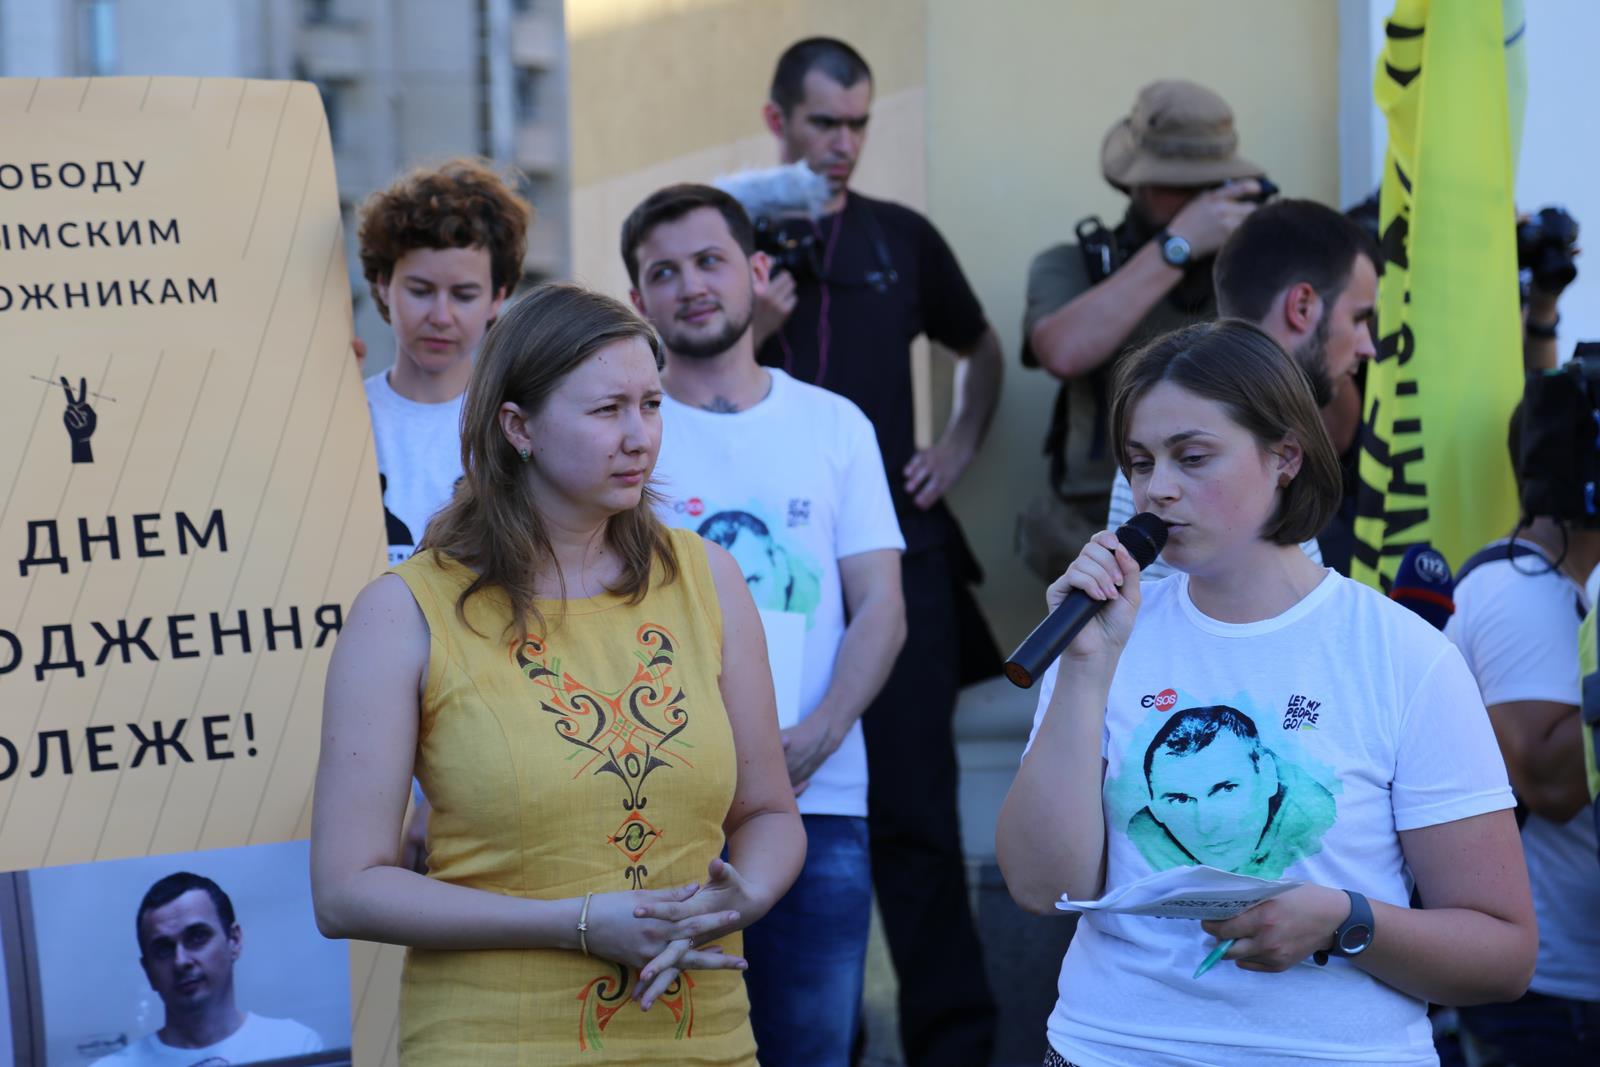 Режим боится свободных людей, а Олег Сенцов — свободный человек! – Ольга Скрипник